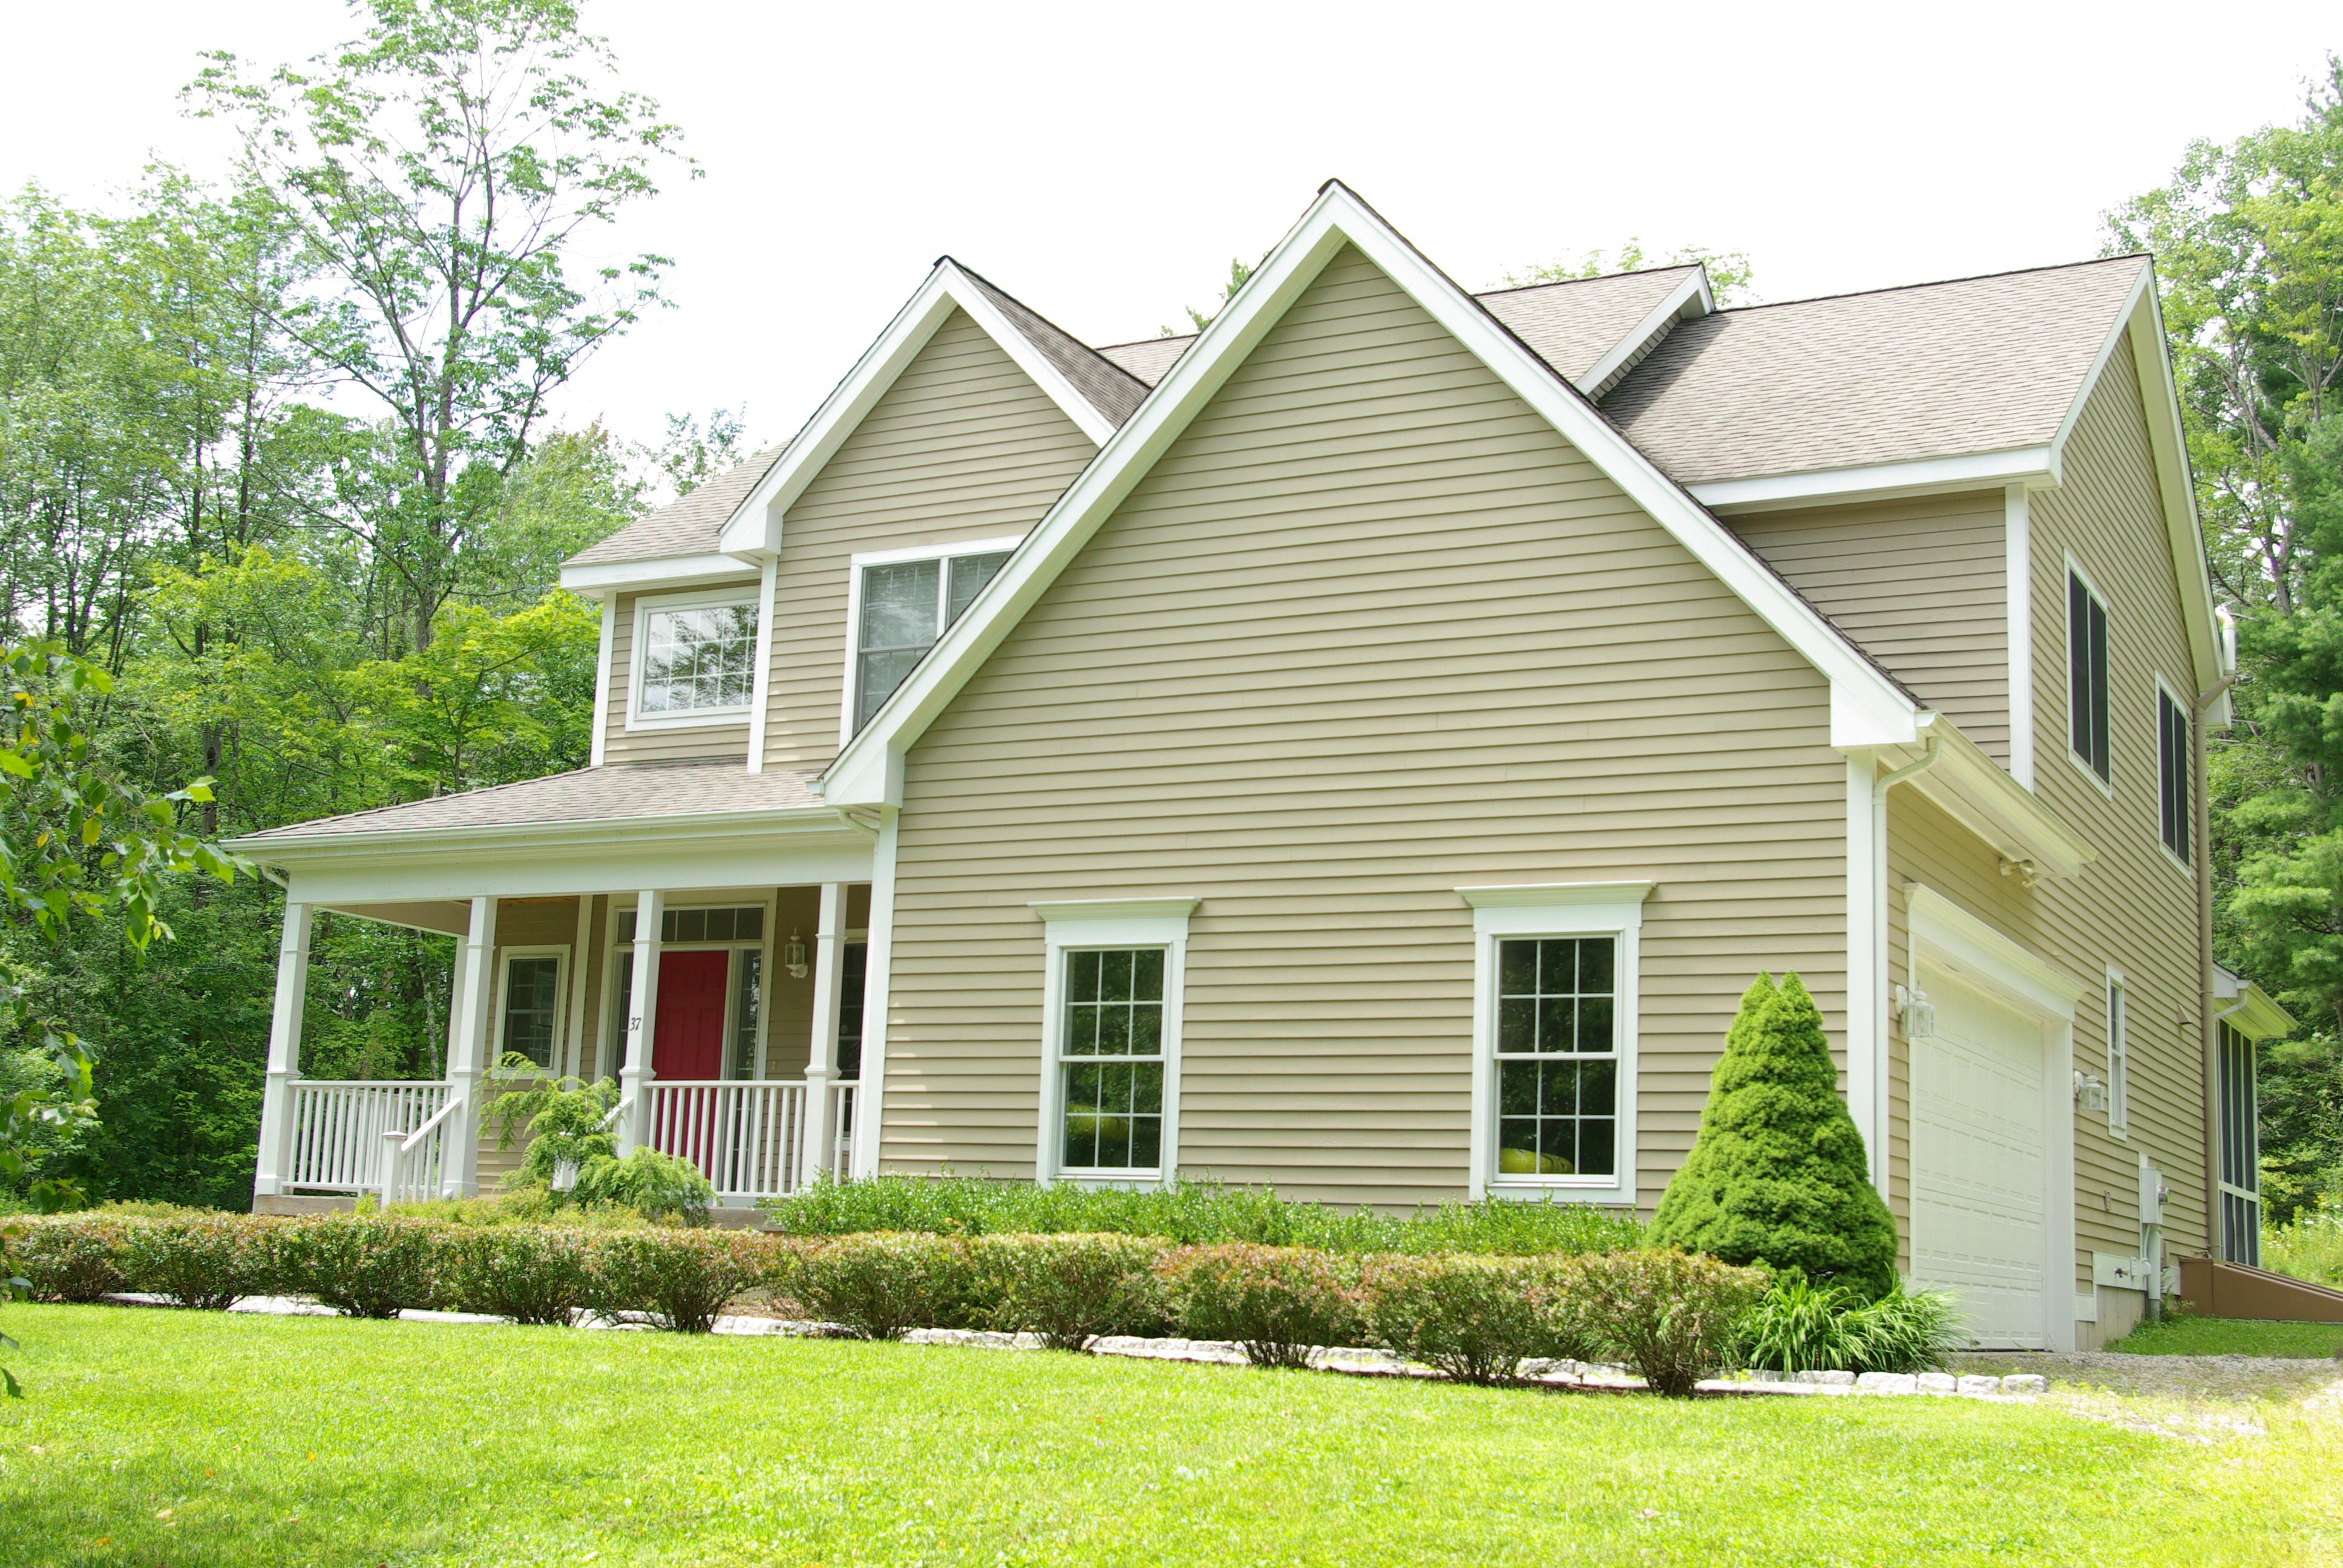 独户住宅 为 销售 在 New Age Modern Country Home 37 Bentley Circle 哥珊地, 康涅狄格州, 06756 美国